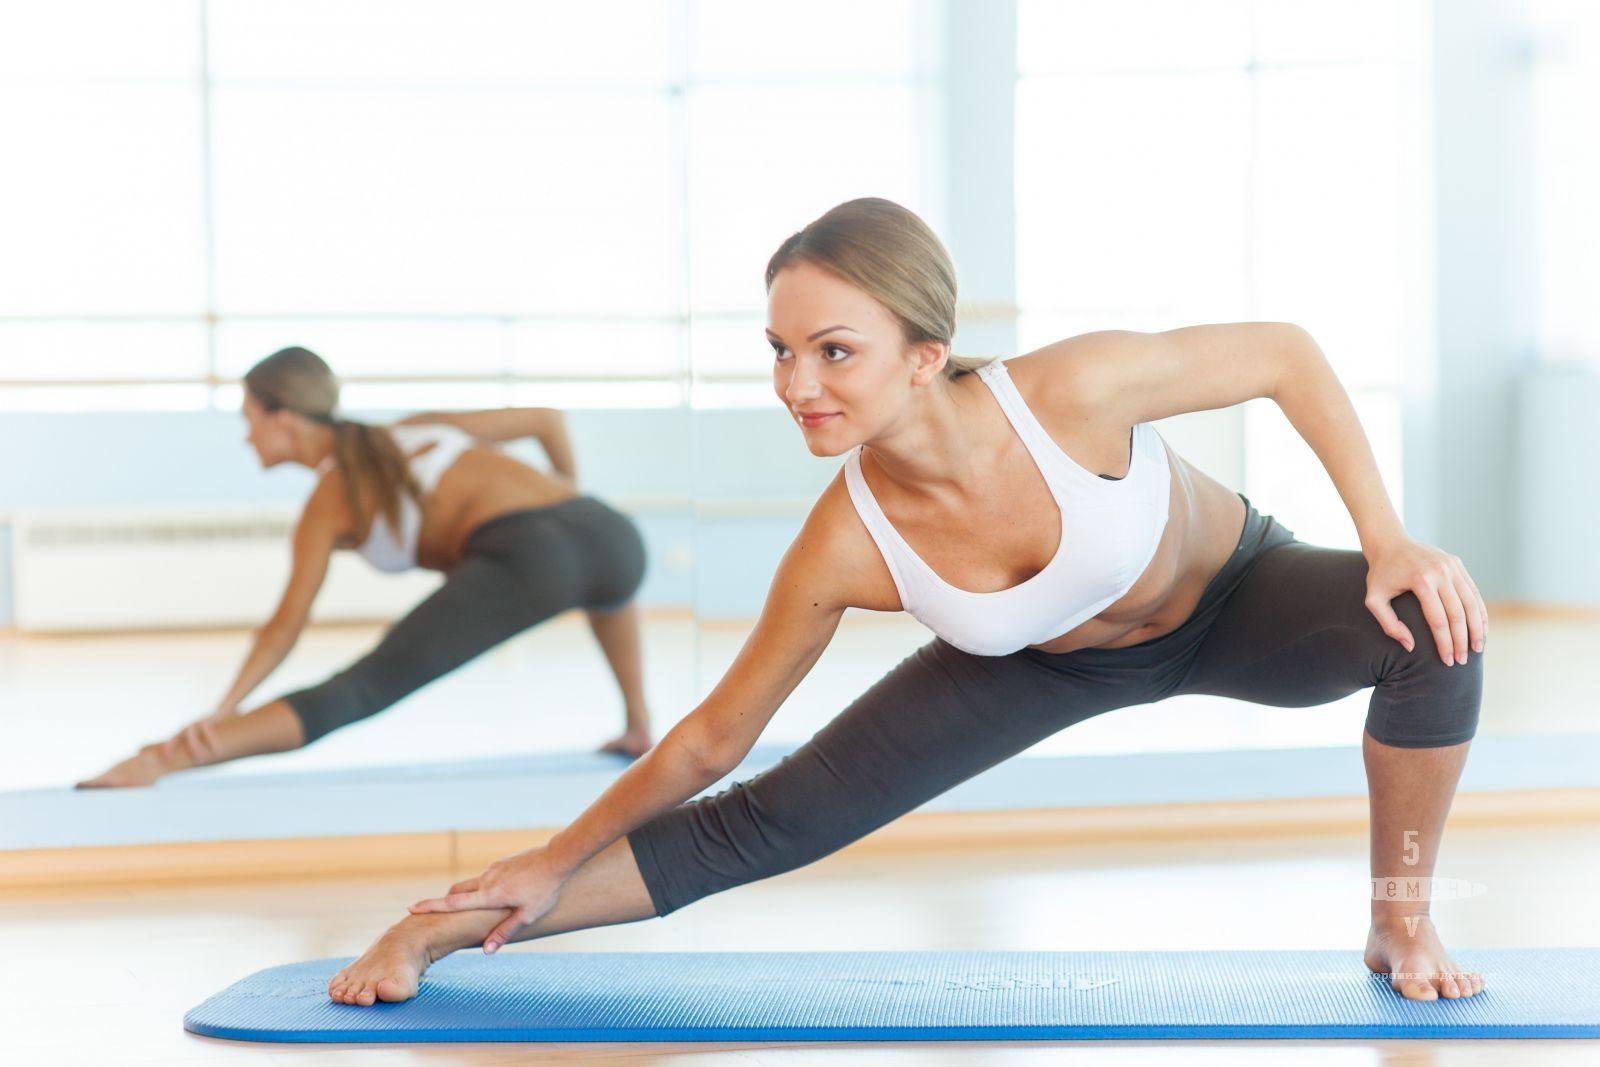 Комплекс упражнений для похудения: основные правила и рекомендации экспертов